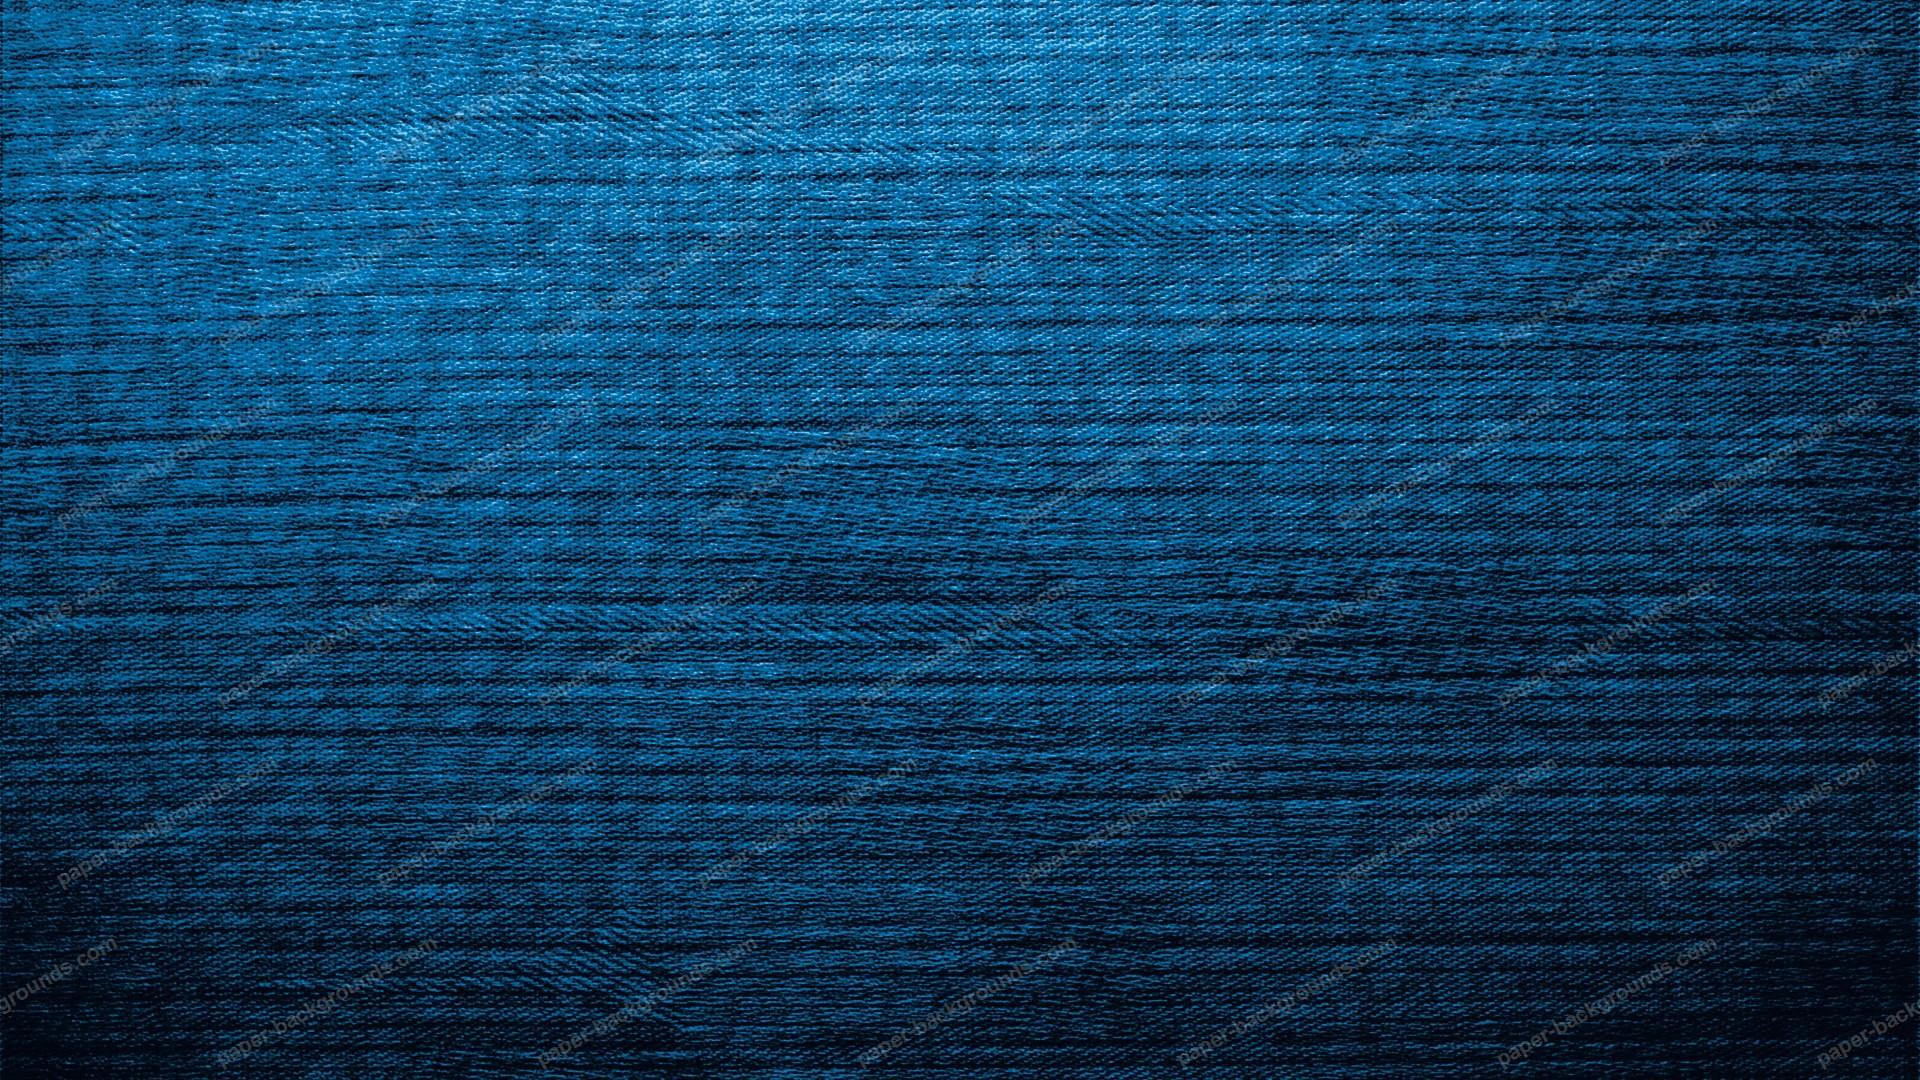 Dark Blue Backgrounds 56 Images